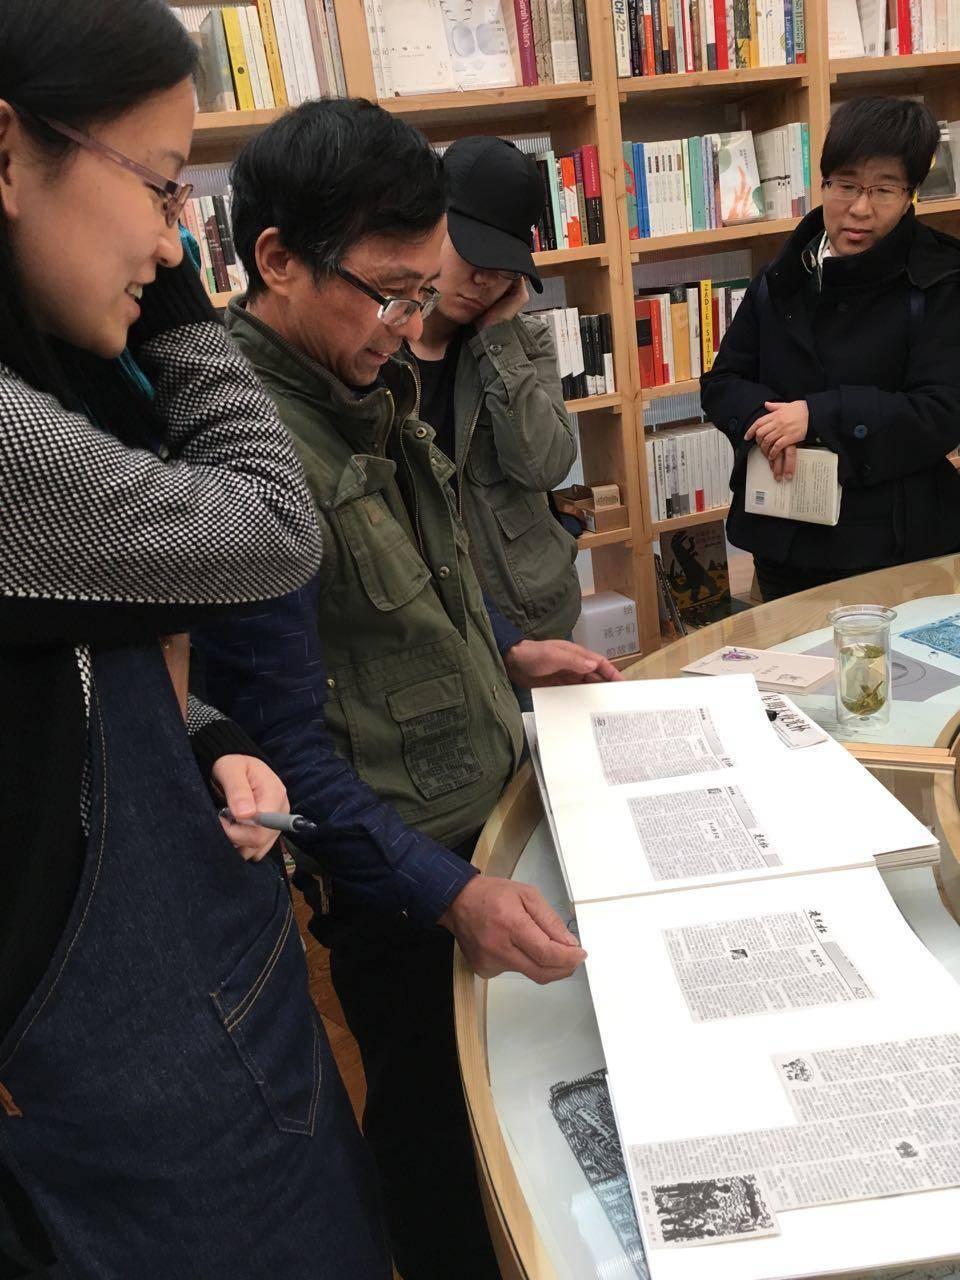 张怡微:樱桃青衣,蕉叶覆鹿,就算文学终止了... _360个人图书馆